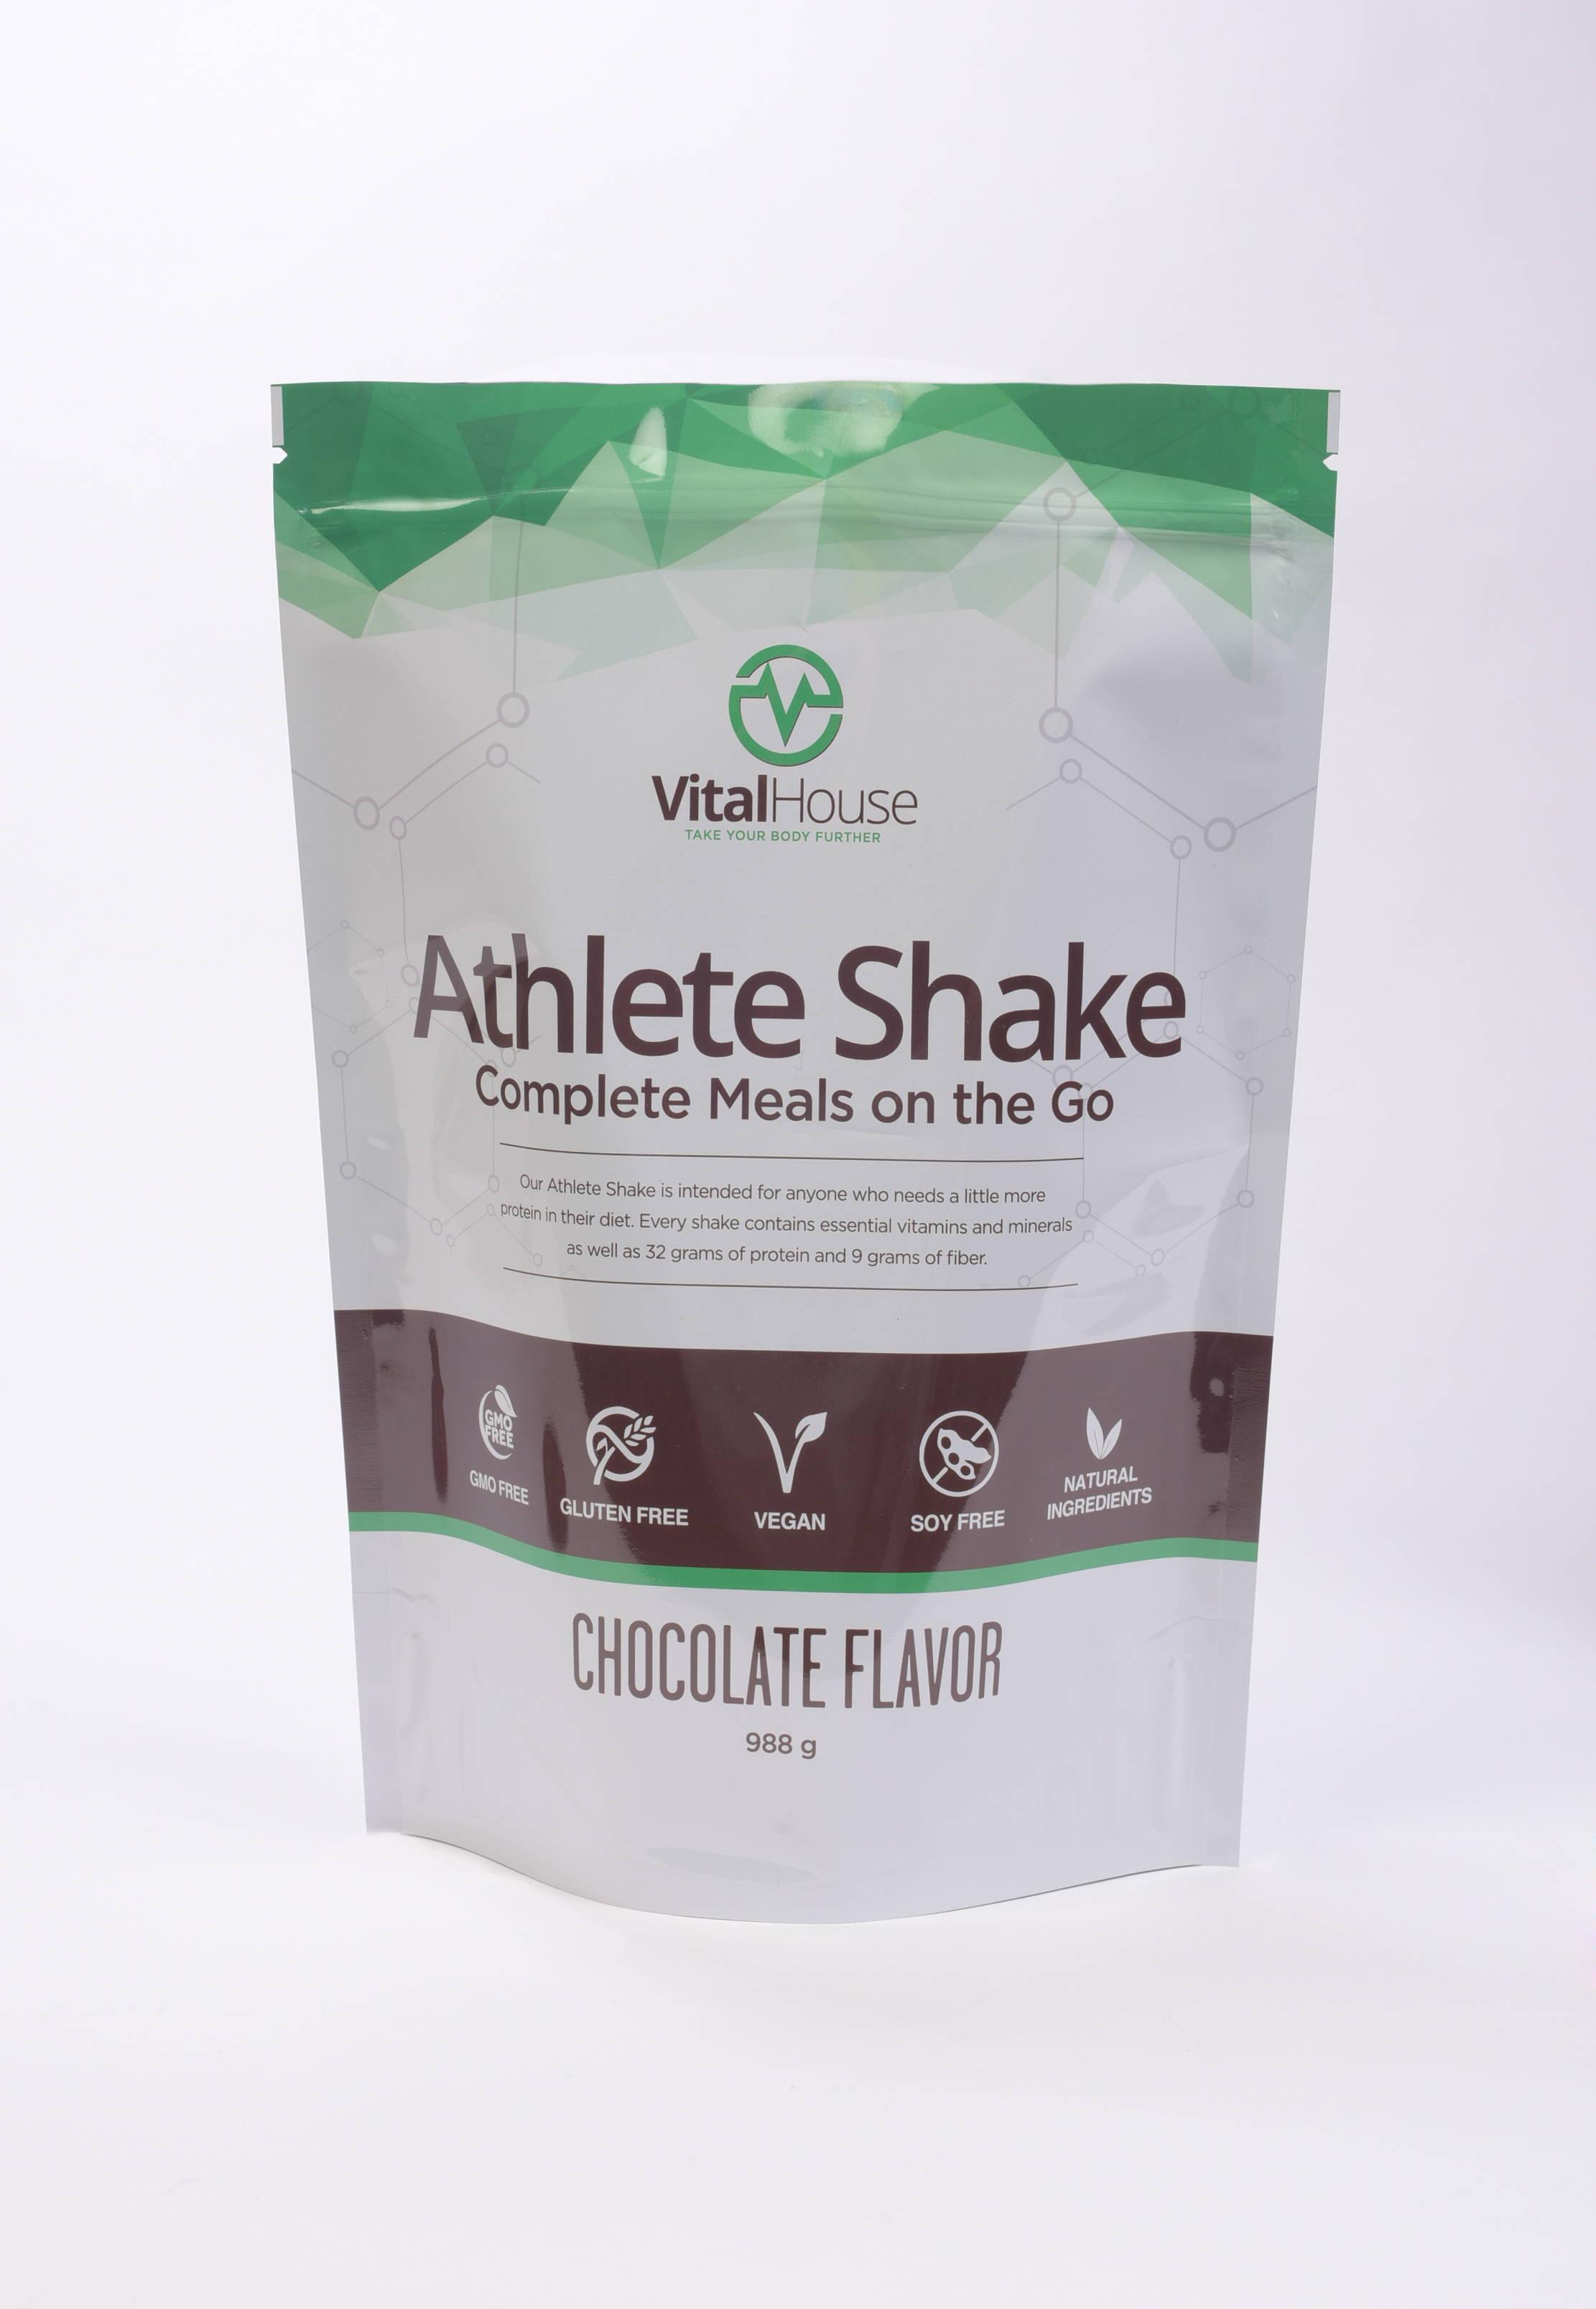 Athlete Shake